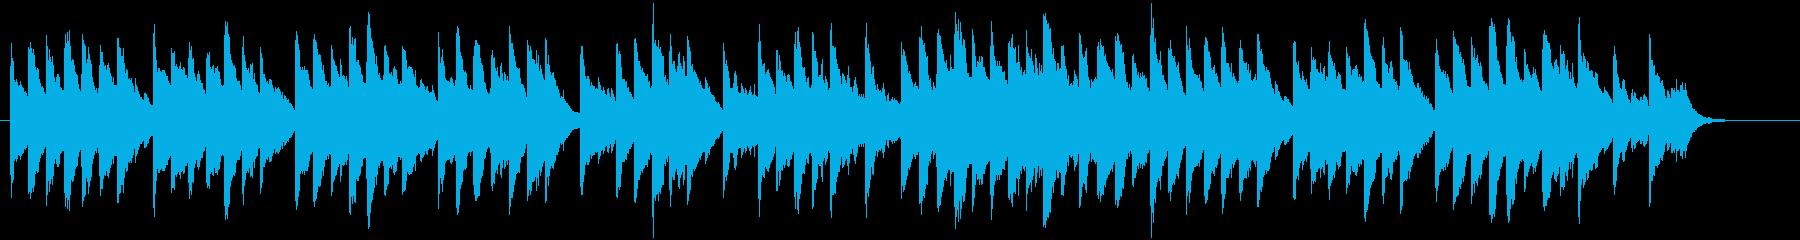 クリスマスをイメージした温かいBGMの再生済みの波形